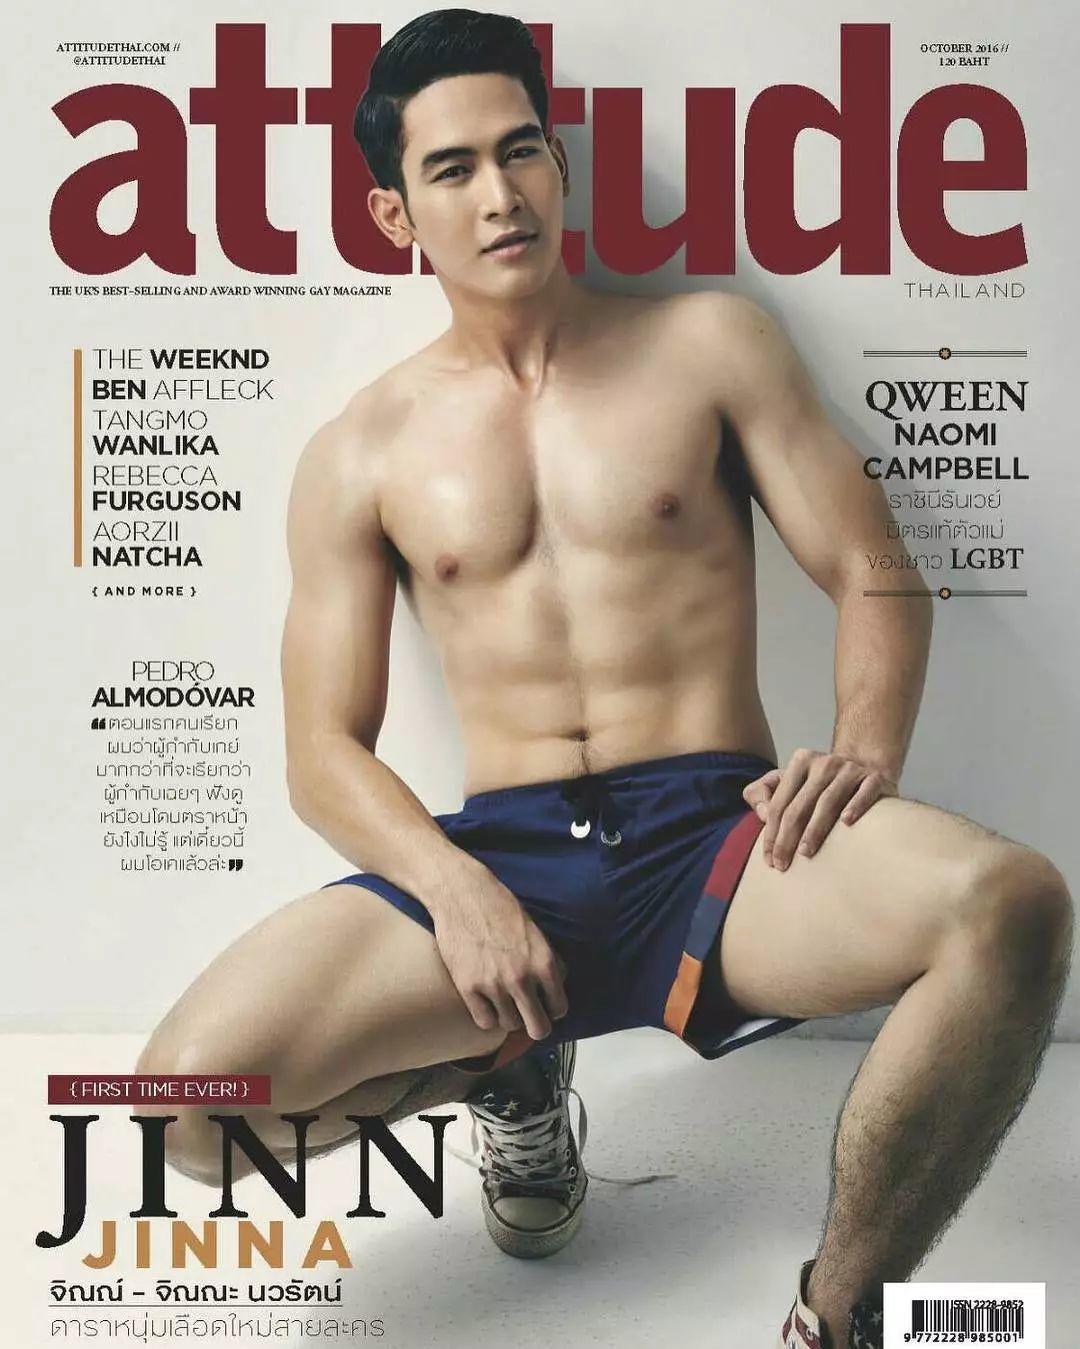 兵哥哥脱掉衣服就去拍同志杂志的封面去了